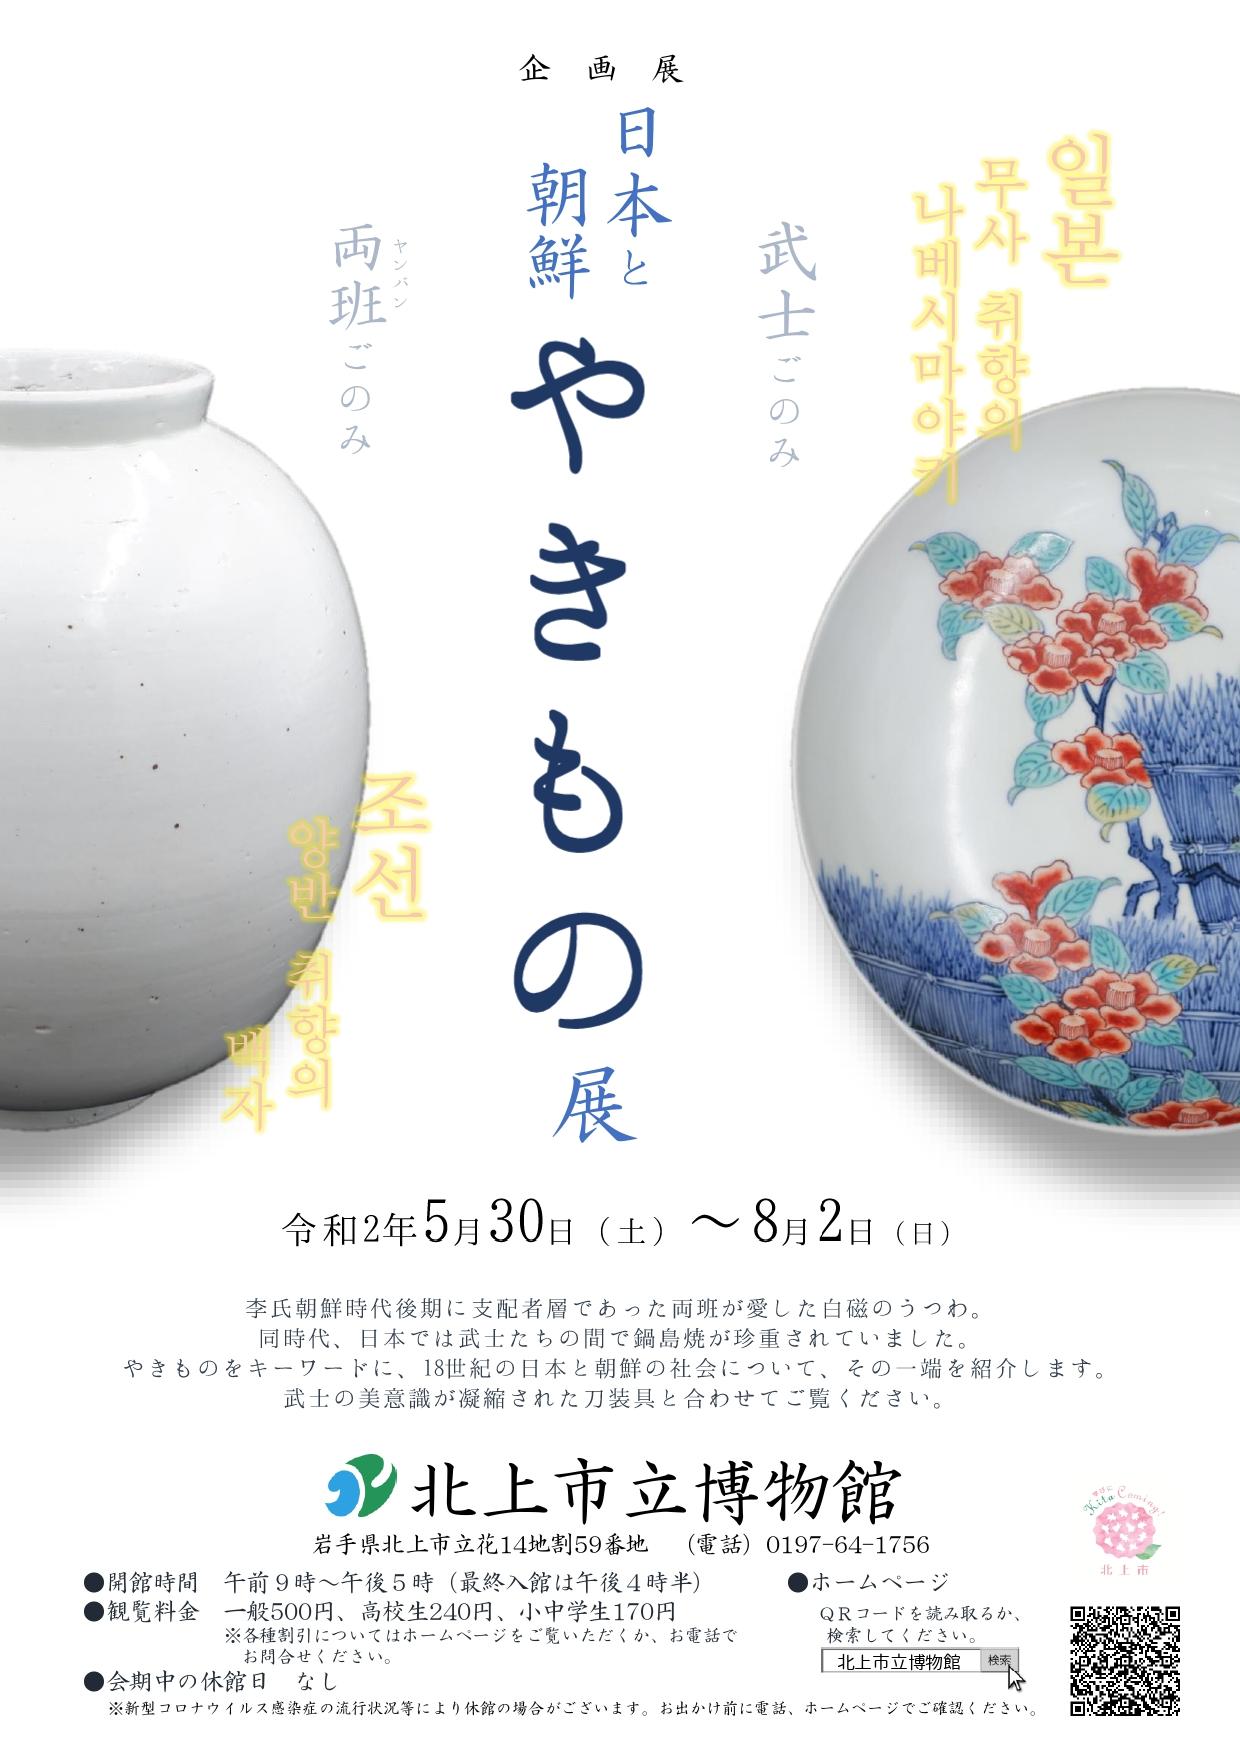 18世紀、日本で武家や公家間での贈答品として大人気だった鍋島焼などのやきものと、李朝で支配者層であった両班(ヤンバン)が好んだ白磁のうつわなどを比較展示します。 同じ中国から伝わった白磁の製法が、日本と朝鮮でそれぞれ独自に発展していった様子を見比べ、それぞれの美の価値について感じていただければ幸いです。 ...